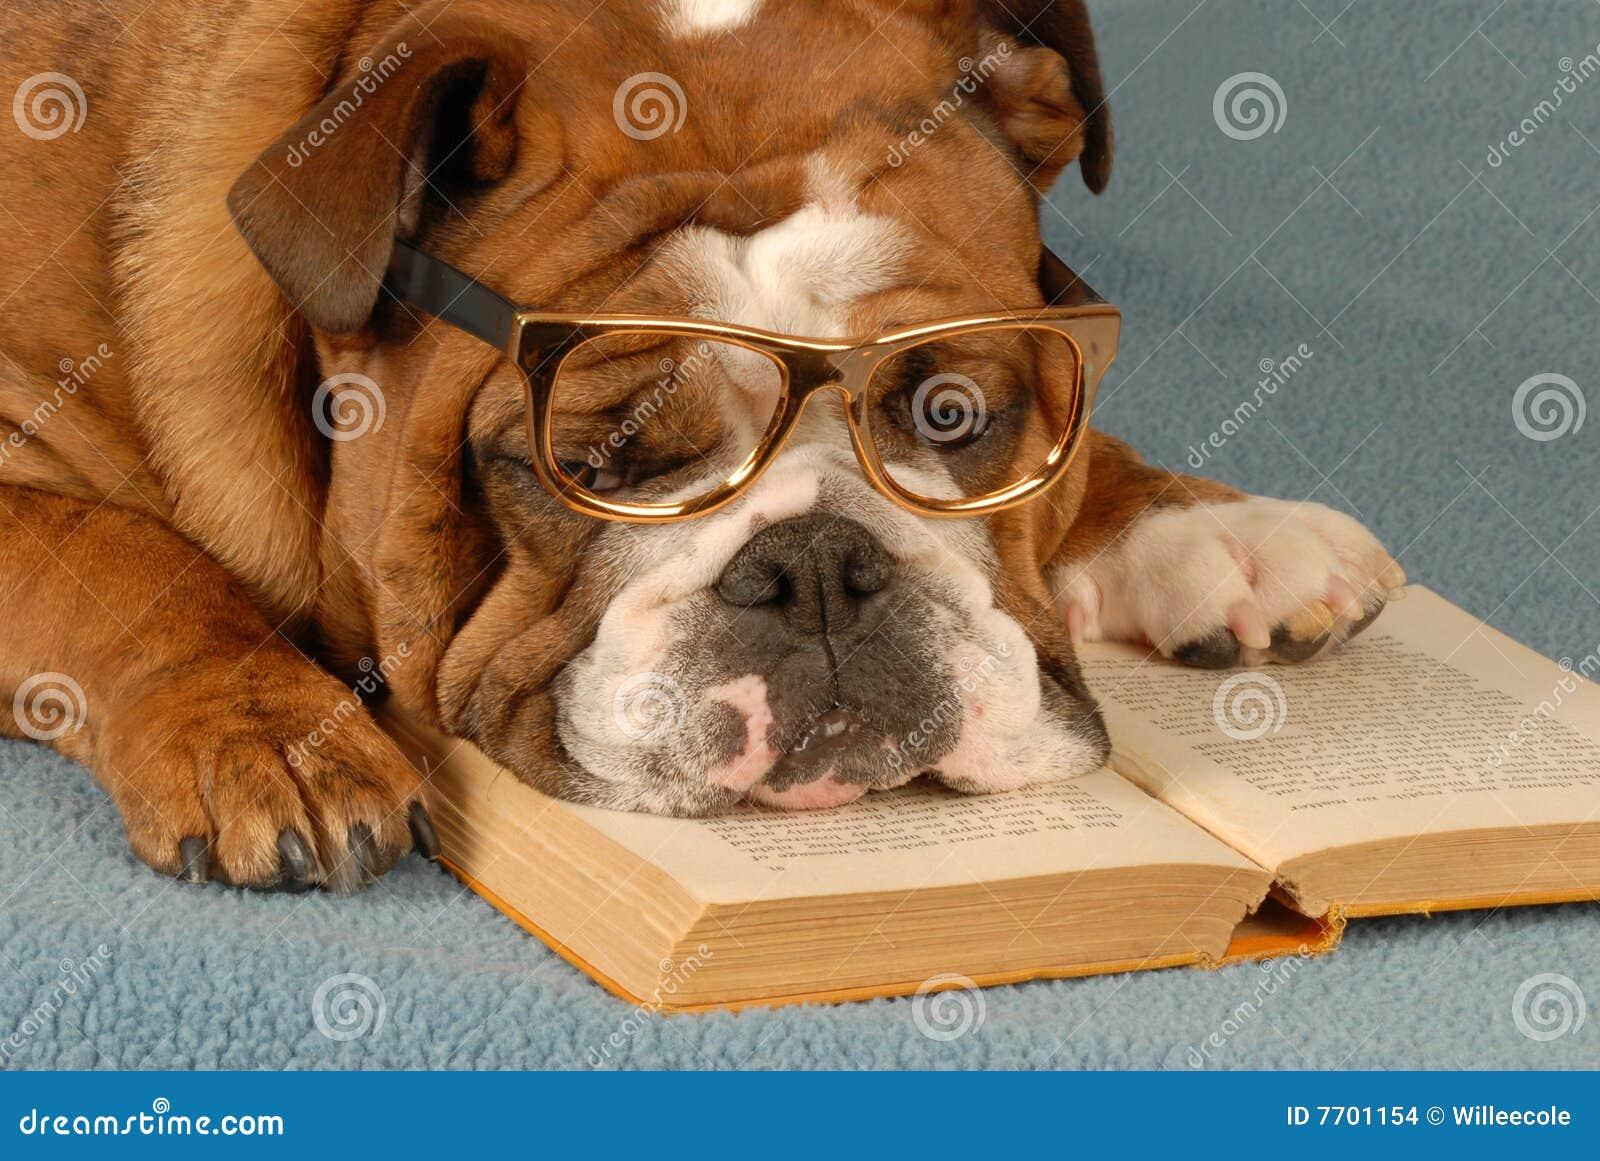 Posłuszeństwo psia szkoła